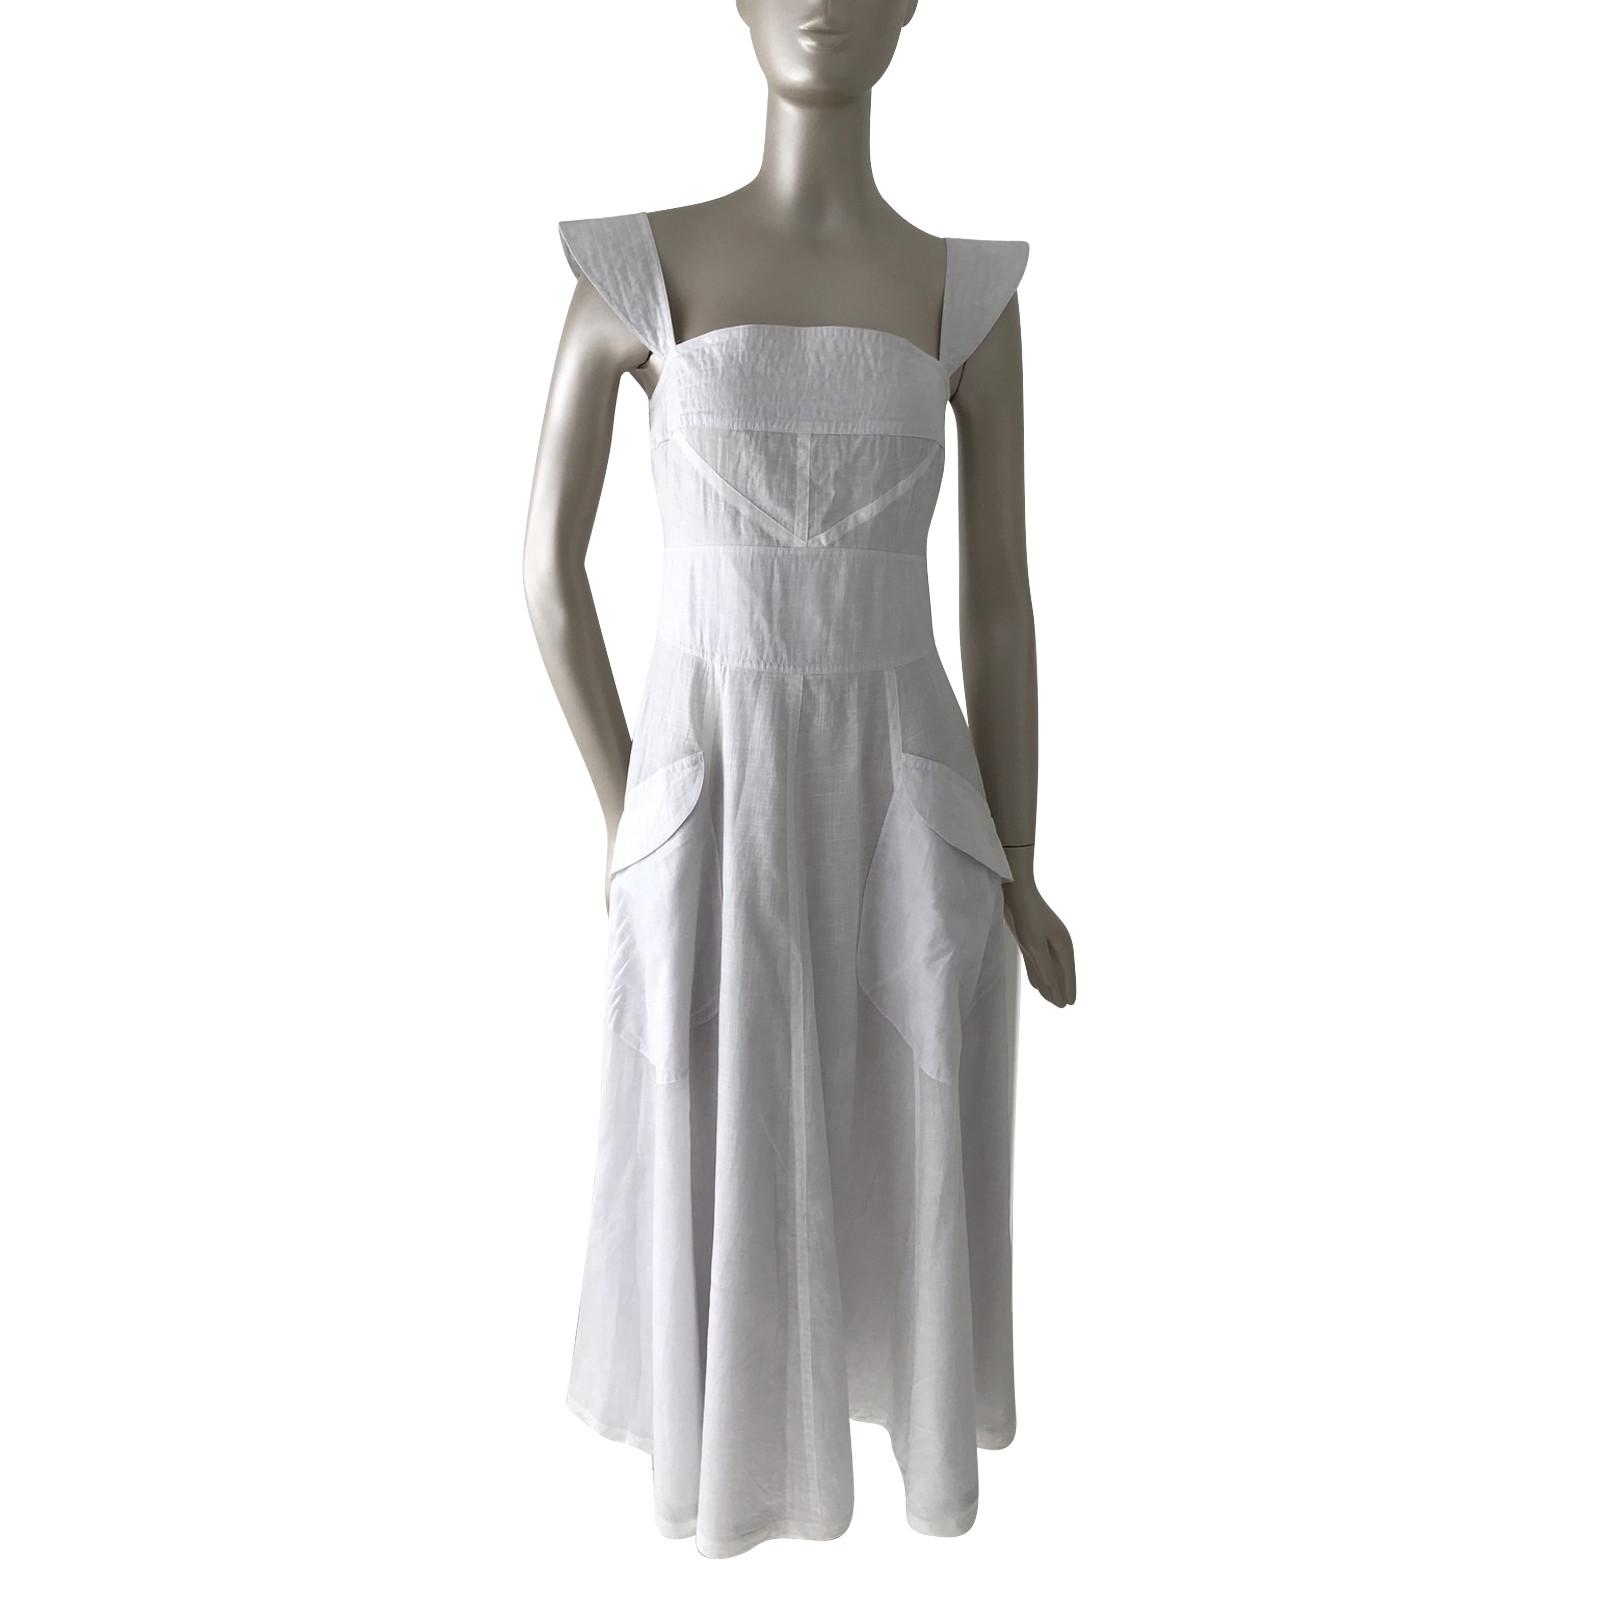 fendi kleid in weiß - second hand fendi kleid in weiß